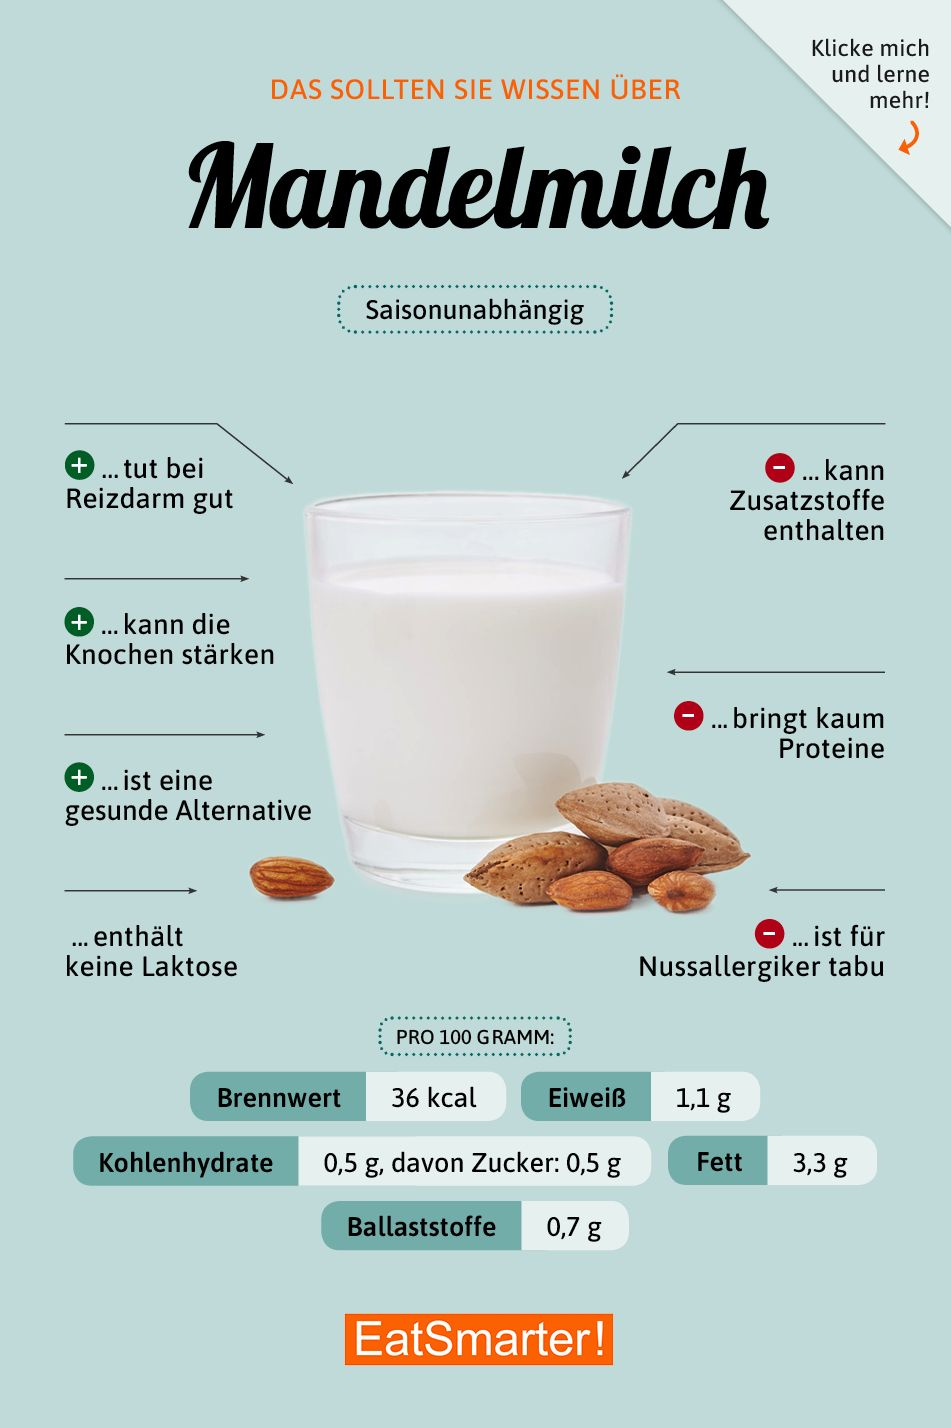 Das solltest du über Mandelmilch wissen | eatsmarter.de #ernährung #infografik #mandelmilch #vitamins